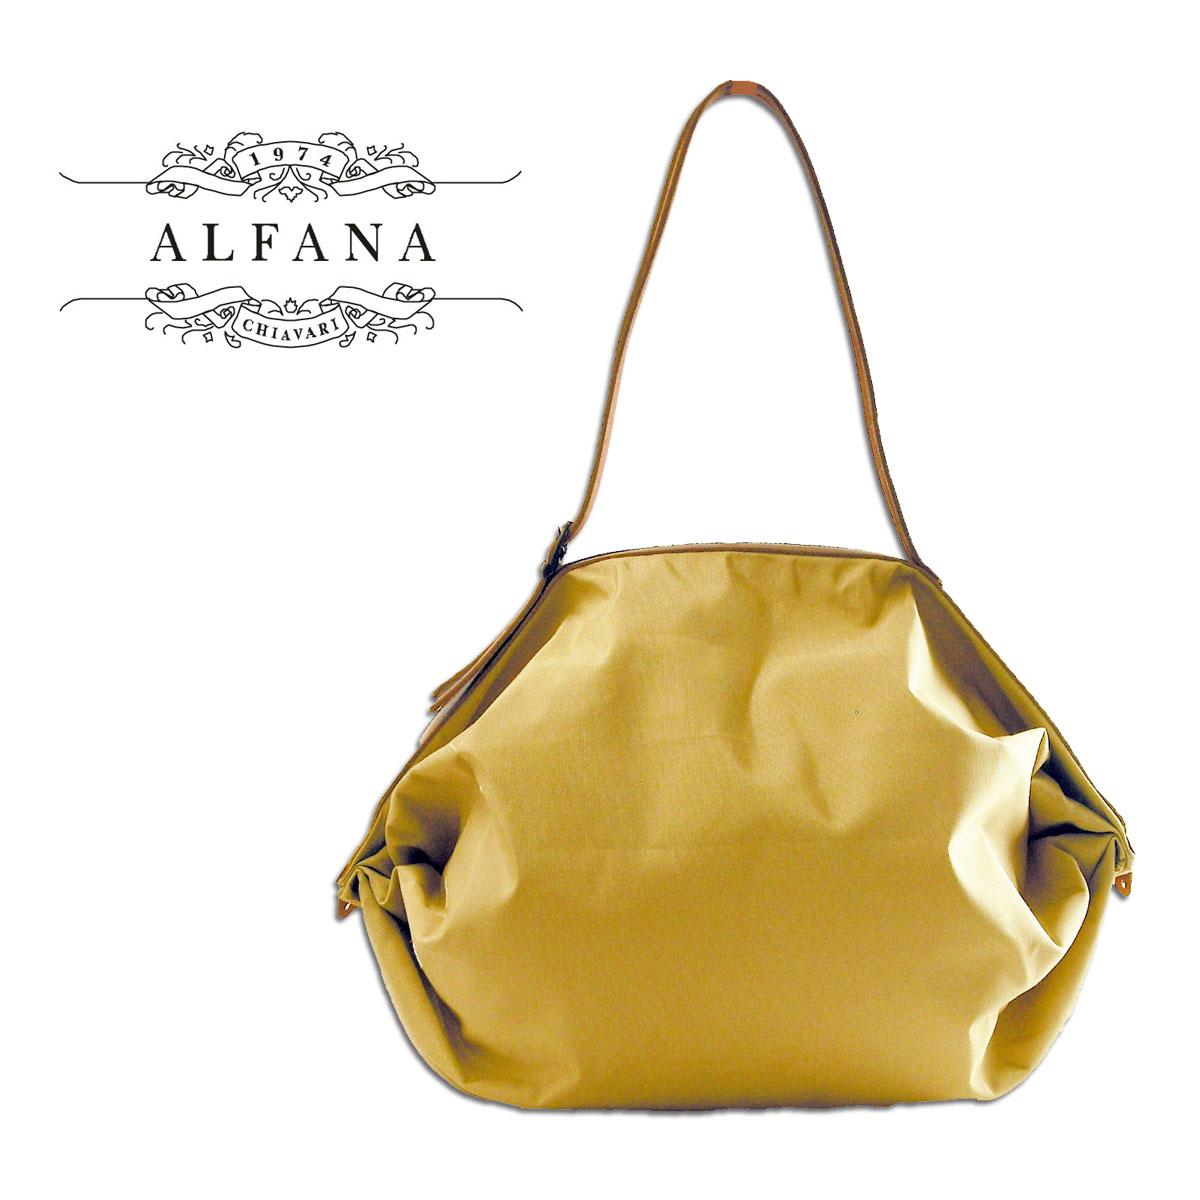 ALFANA/アルファーナ POP CORN58/ポップコーン58 クリーミィーベージュ(65580048)イタリア製 折りたたみ バッグ 旅行用 革製ストラップ あす楽